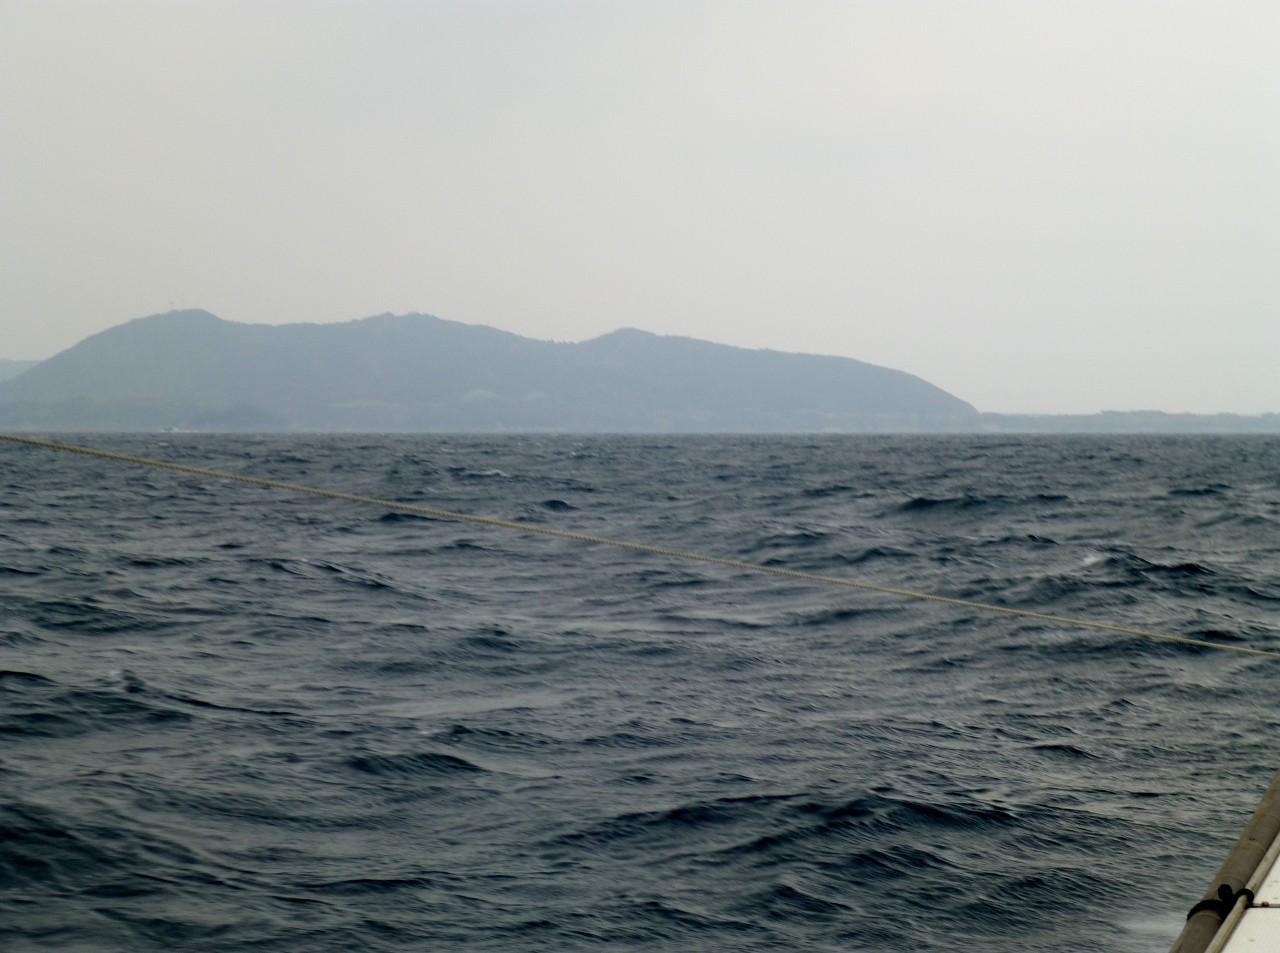 北風が吹いてきました 今9m 今から12m以上吹きます帰港へ